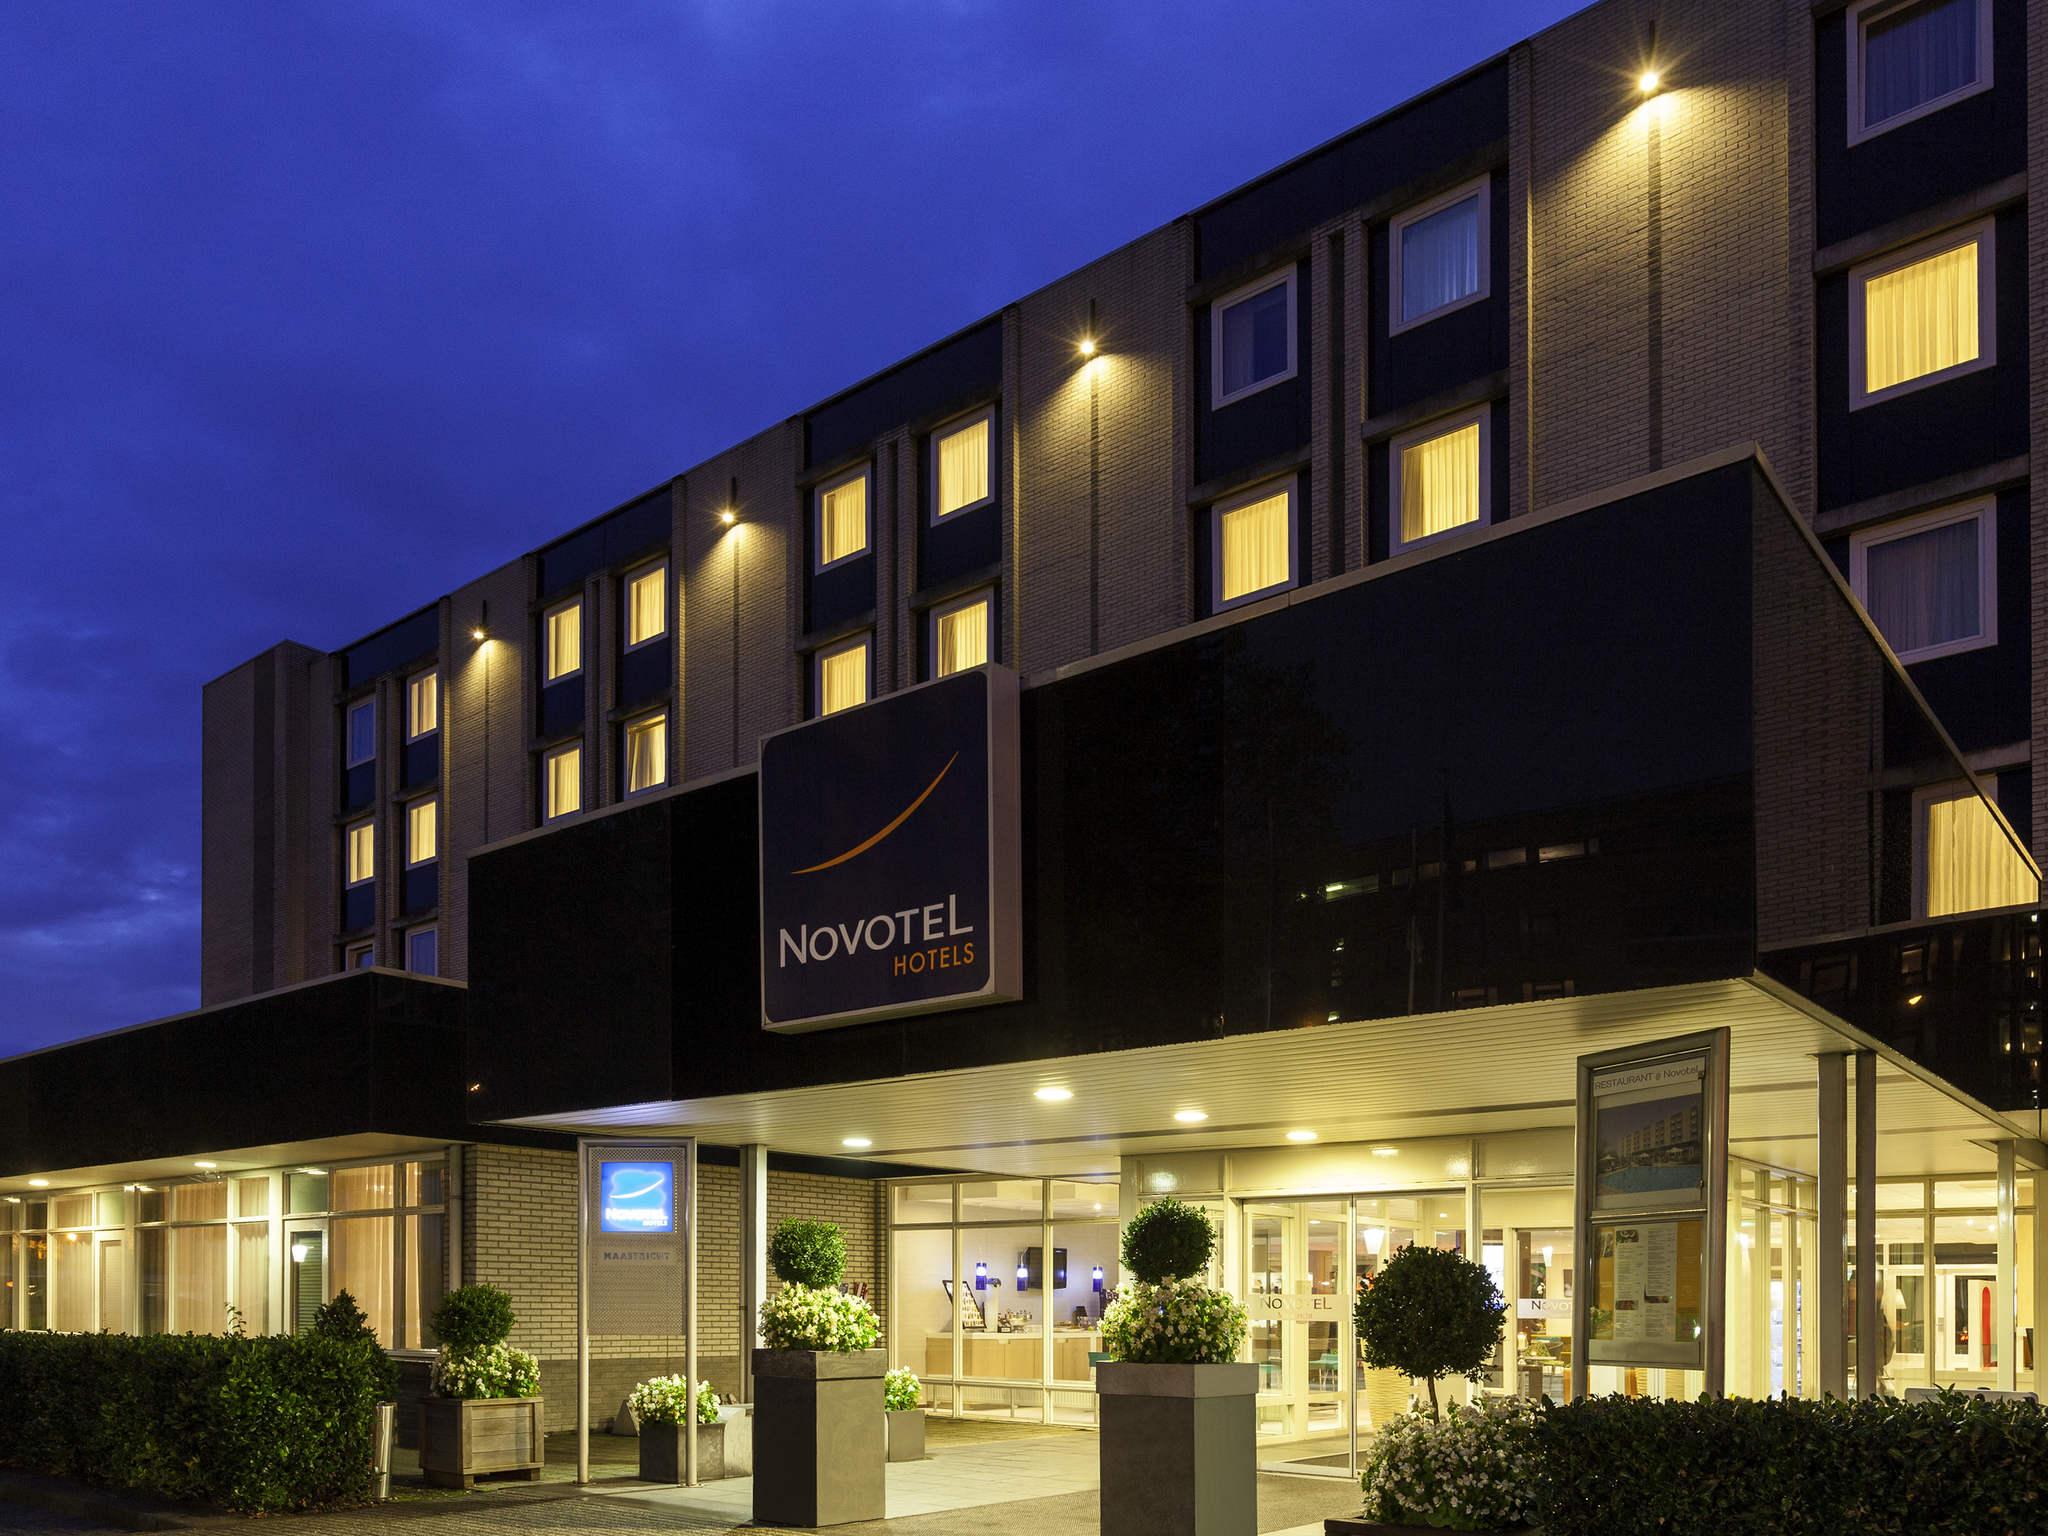 NH Maastricht Hotel - room photo 1805018